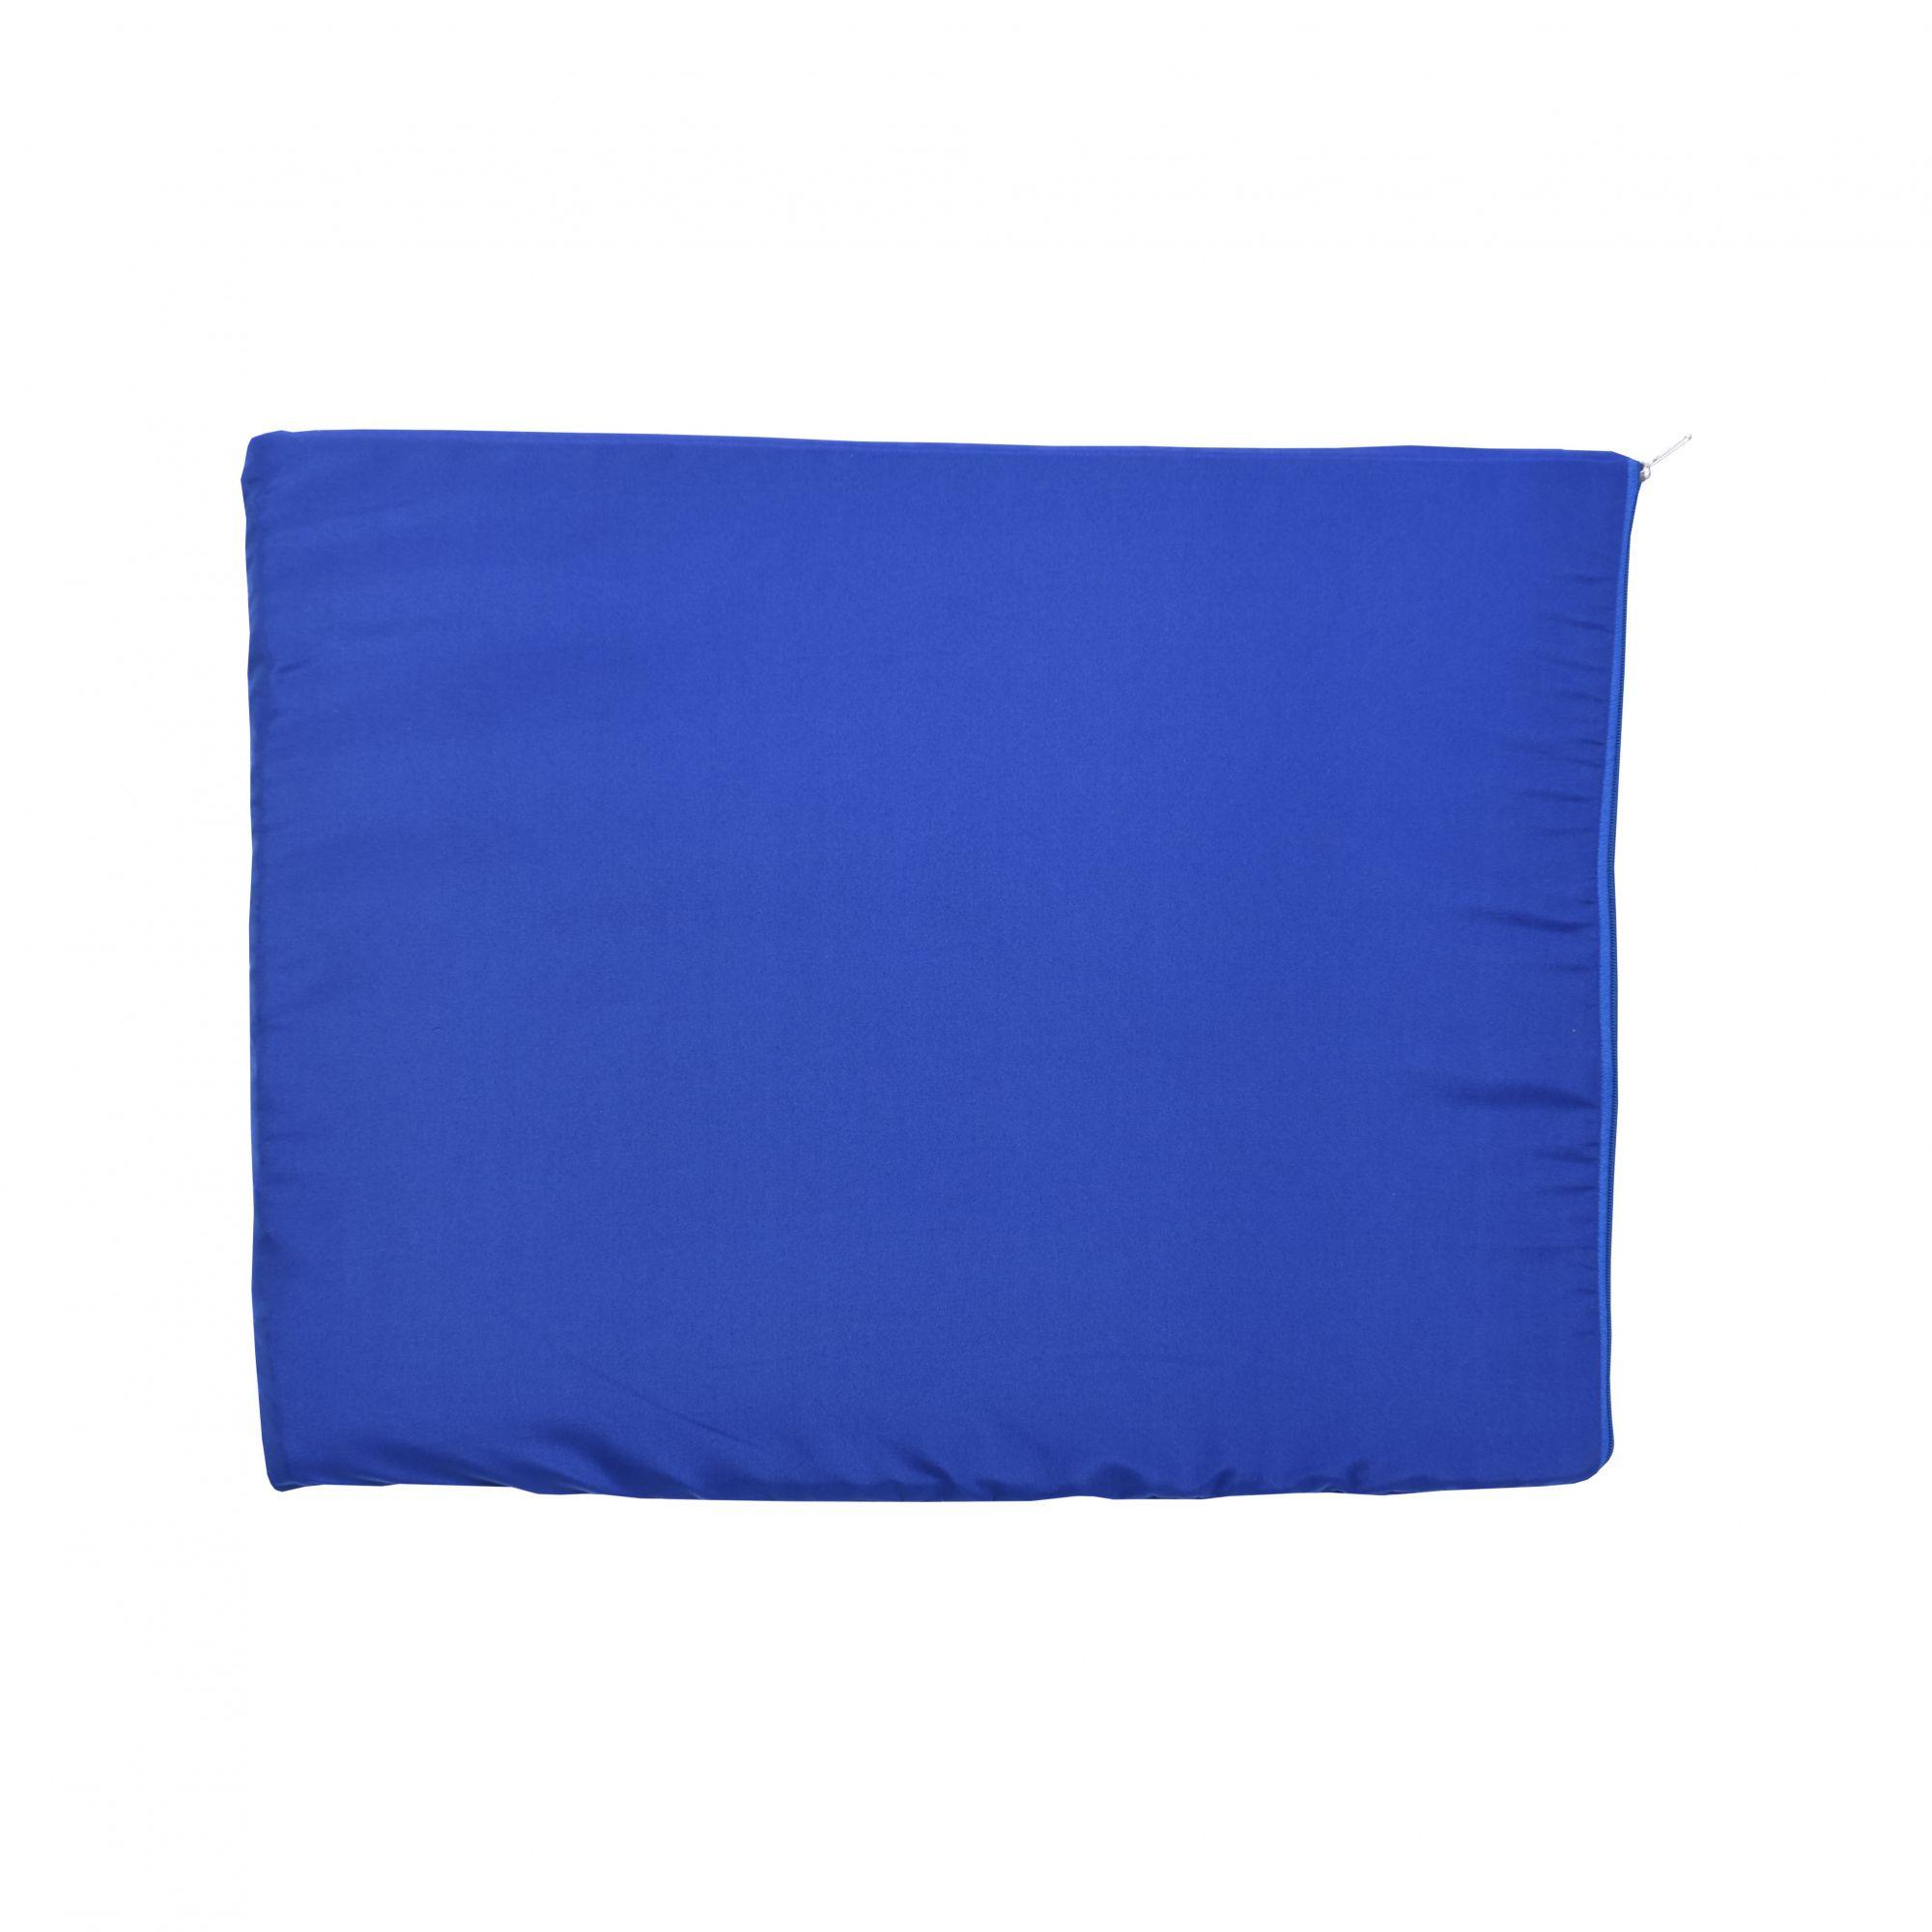 Kit Casinha Madeira 05 com Colchonete Azul e placa de nome